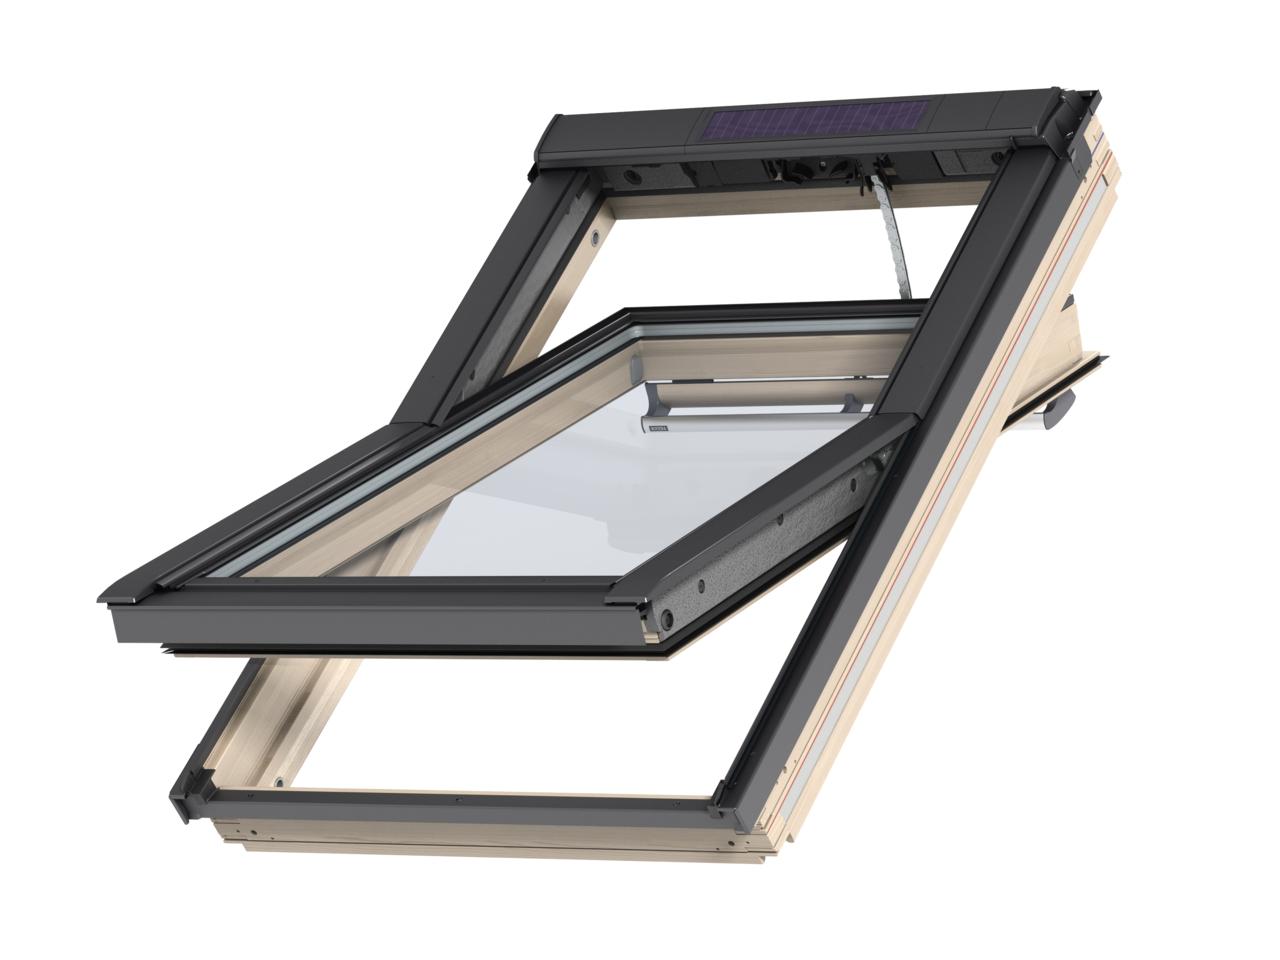 VELUX Elektricky ovládané okno GGL 306830 Solar rozměr: CK02 55x78 cm